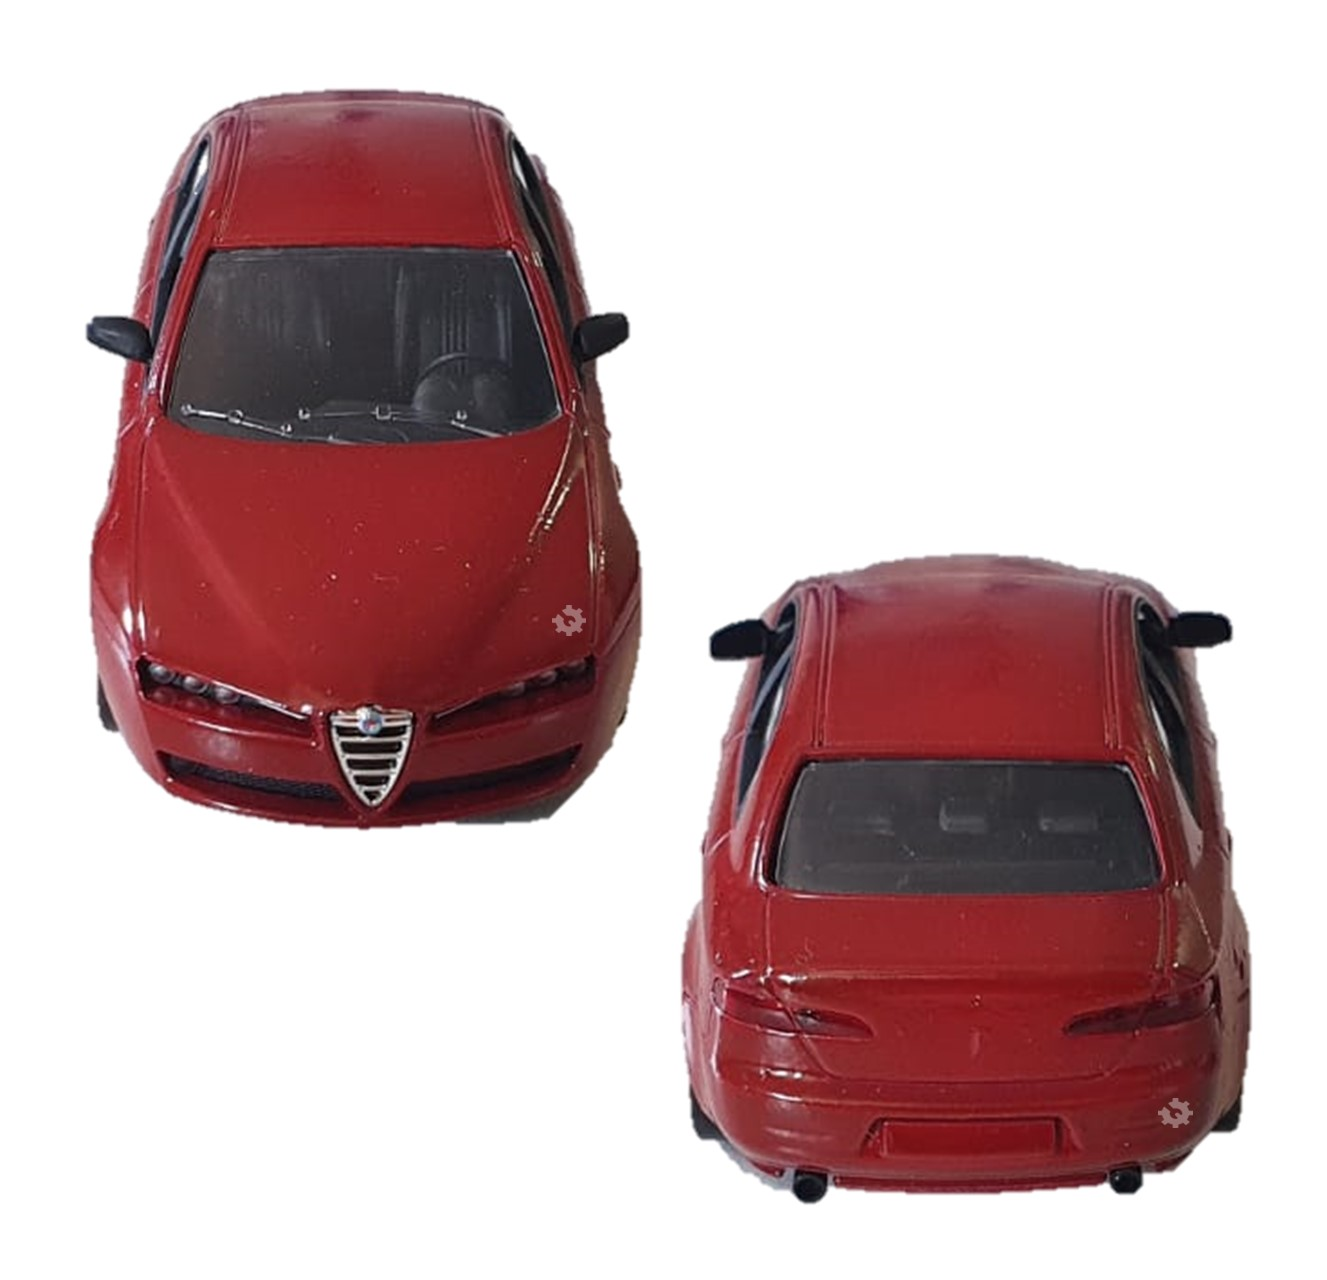 Miniatura Oficial Fiat Alfa Romeo 159 Colecionador Original